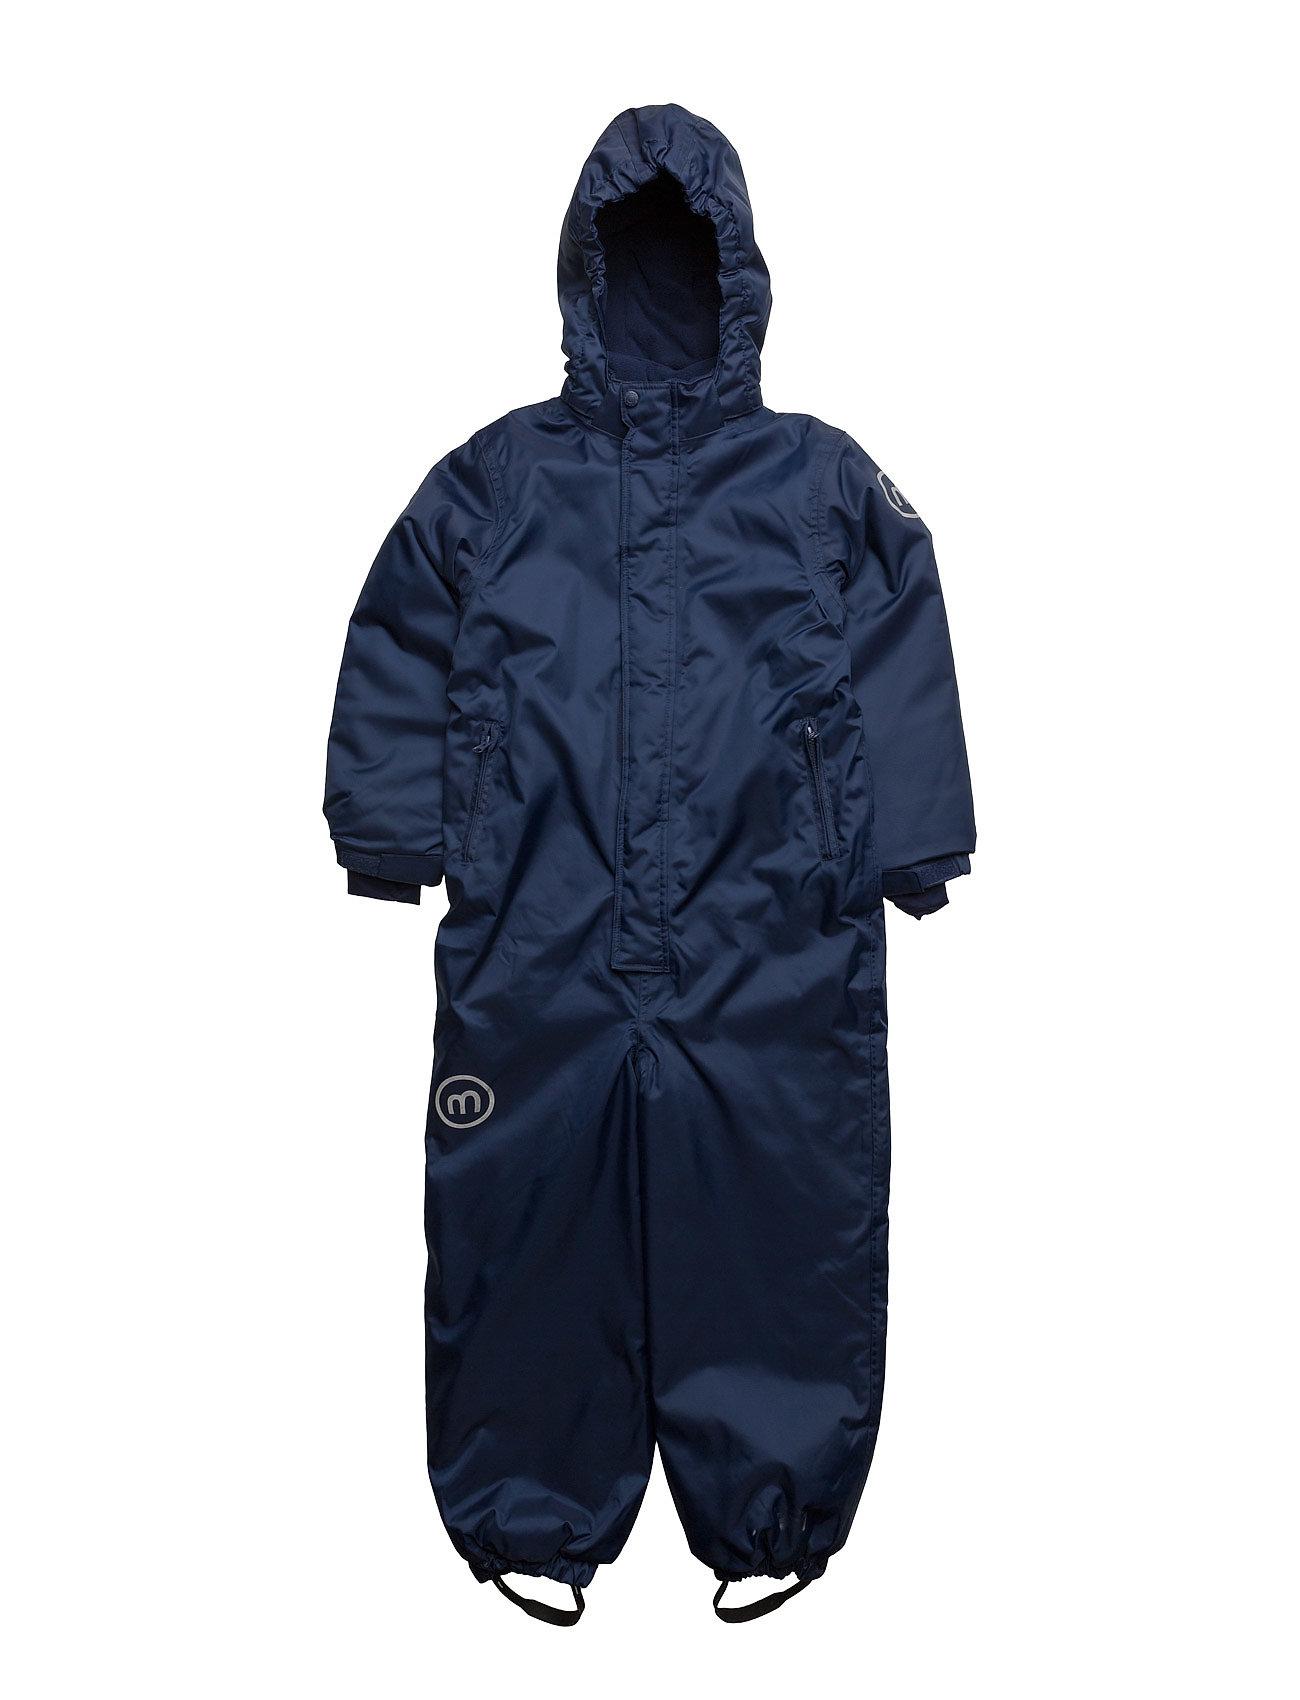 92 -Snow Suit - Minymo